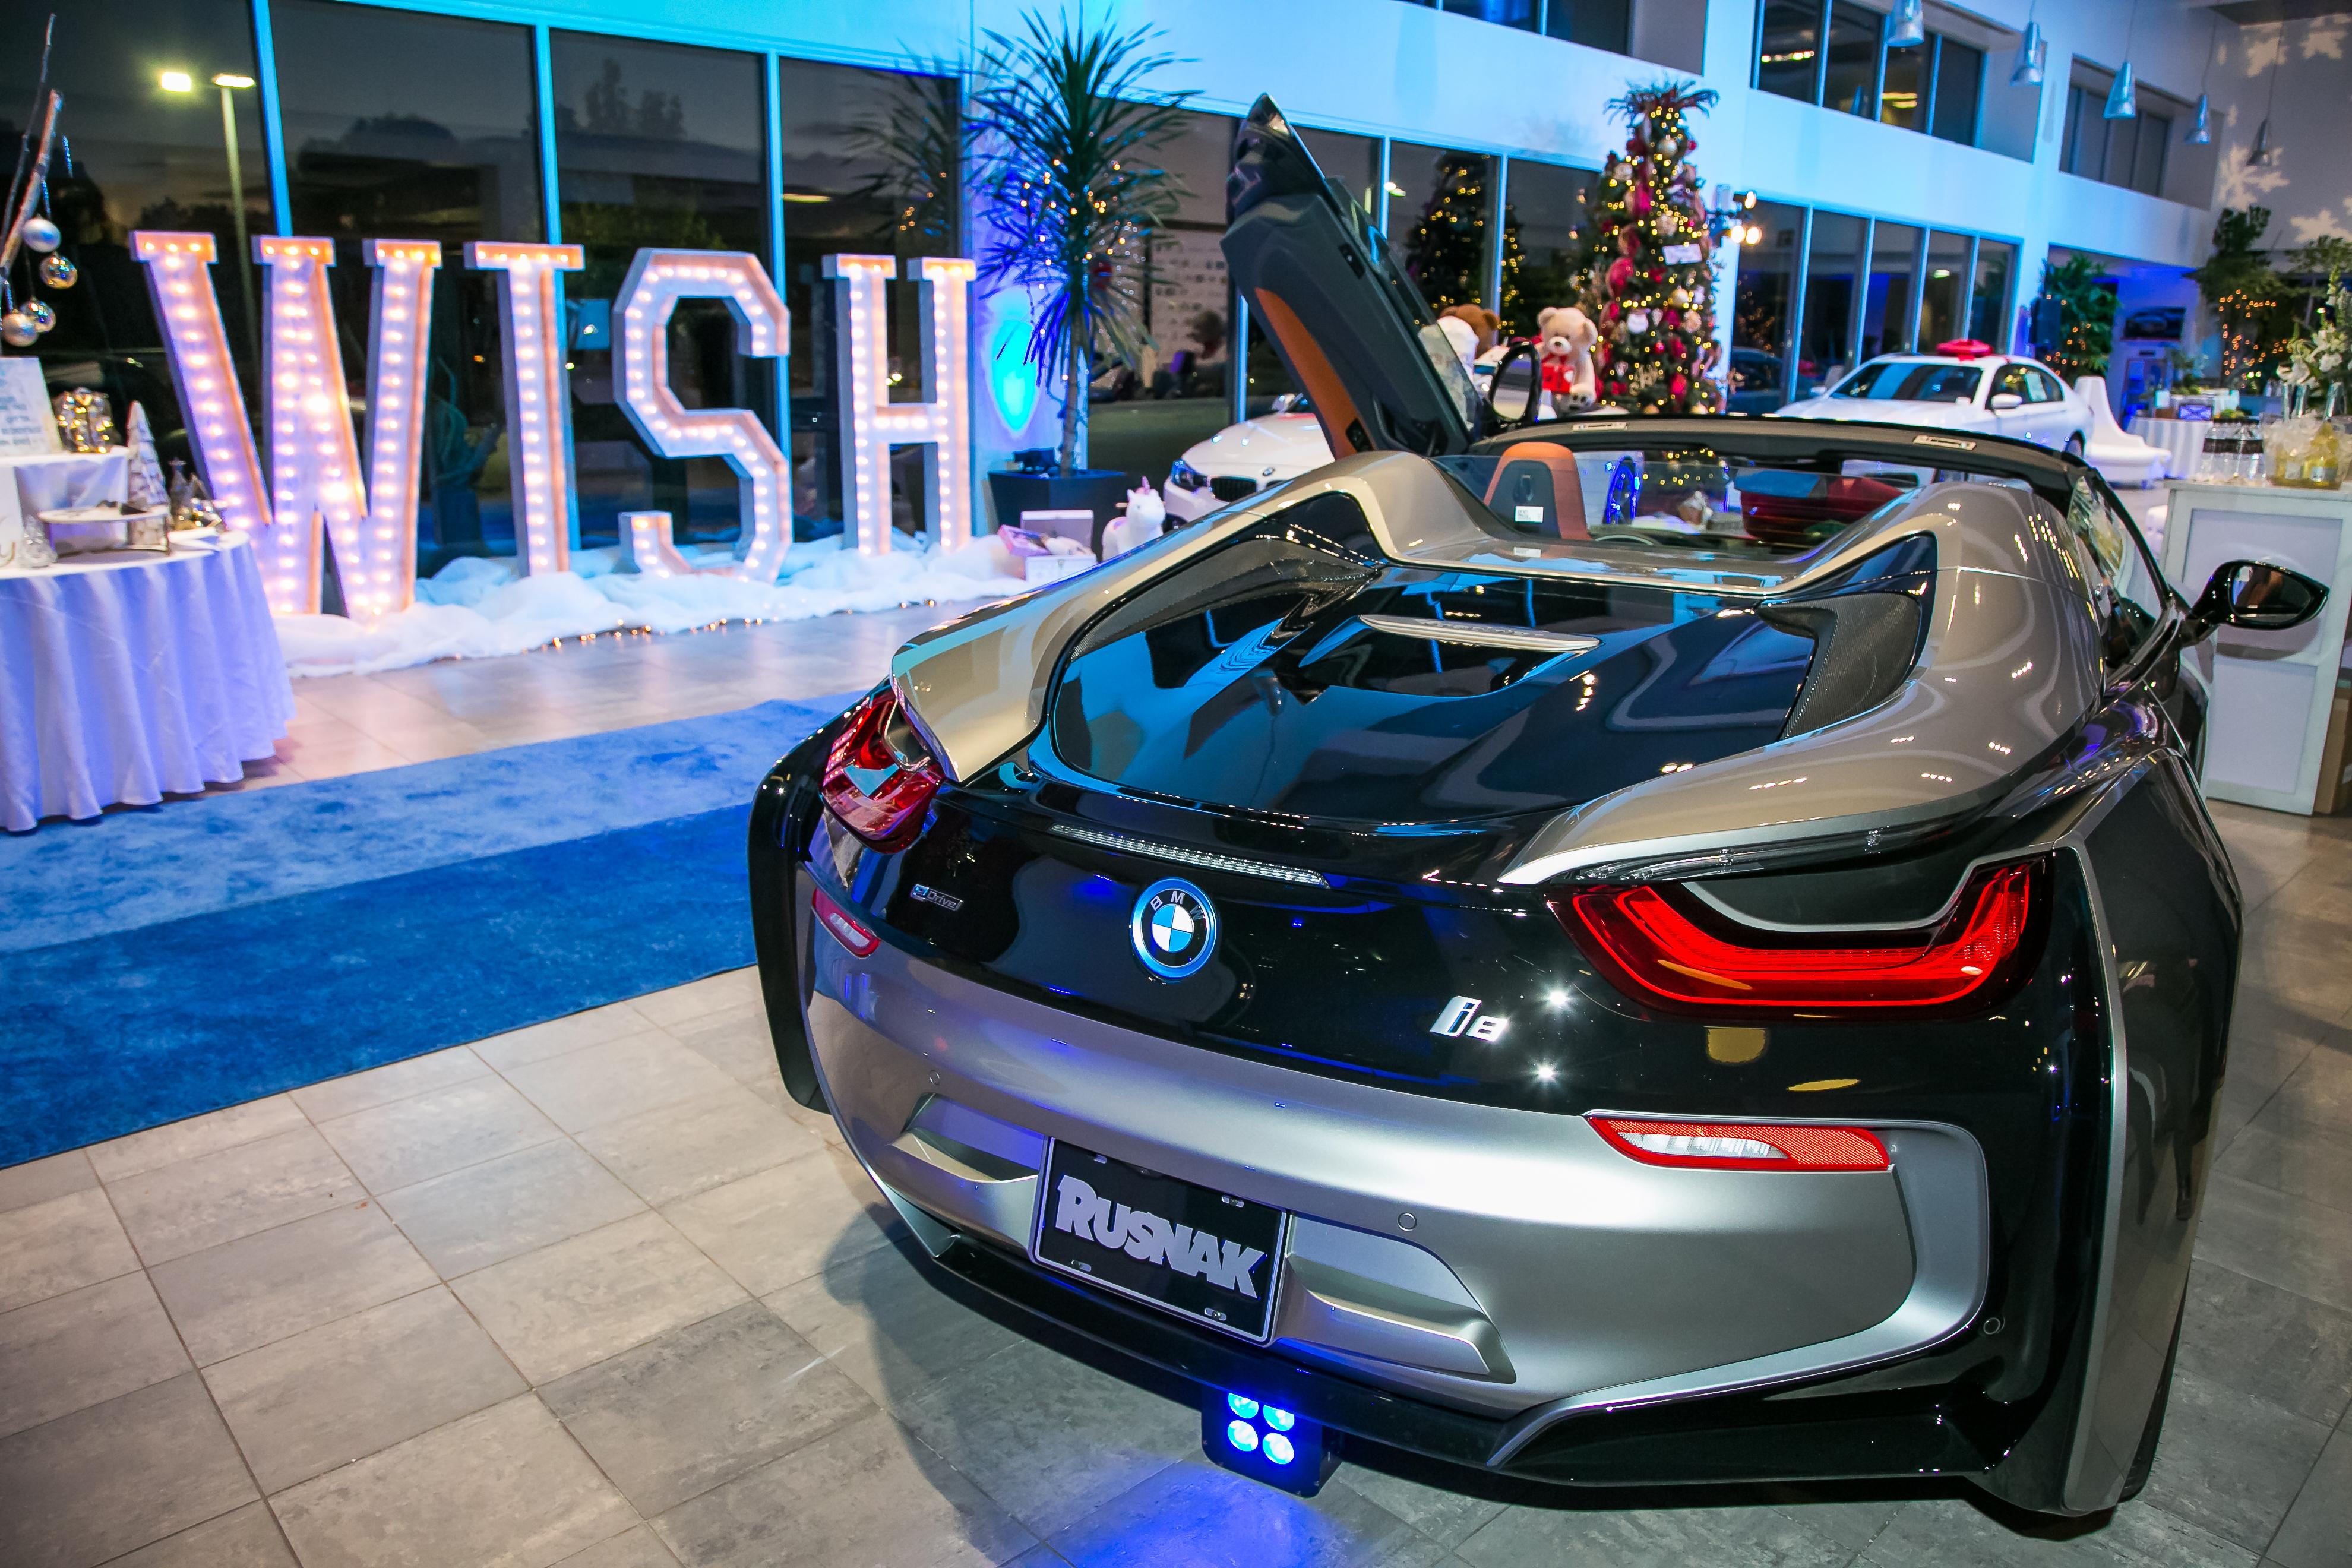 Rusnak Porsche Westlake >> Rusnak BMW Hosts Winter Wonderland In Westlake 12/06/18 - Rusnak Events